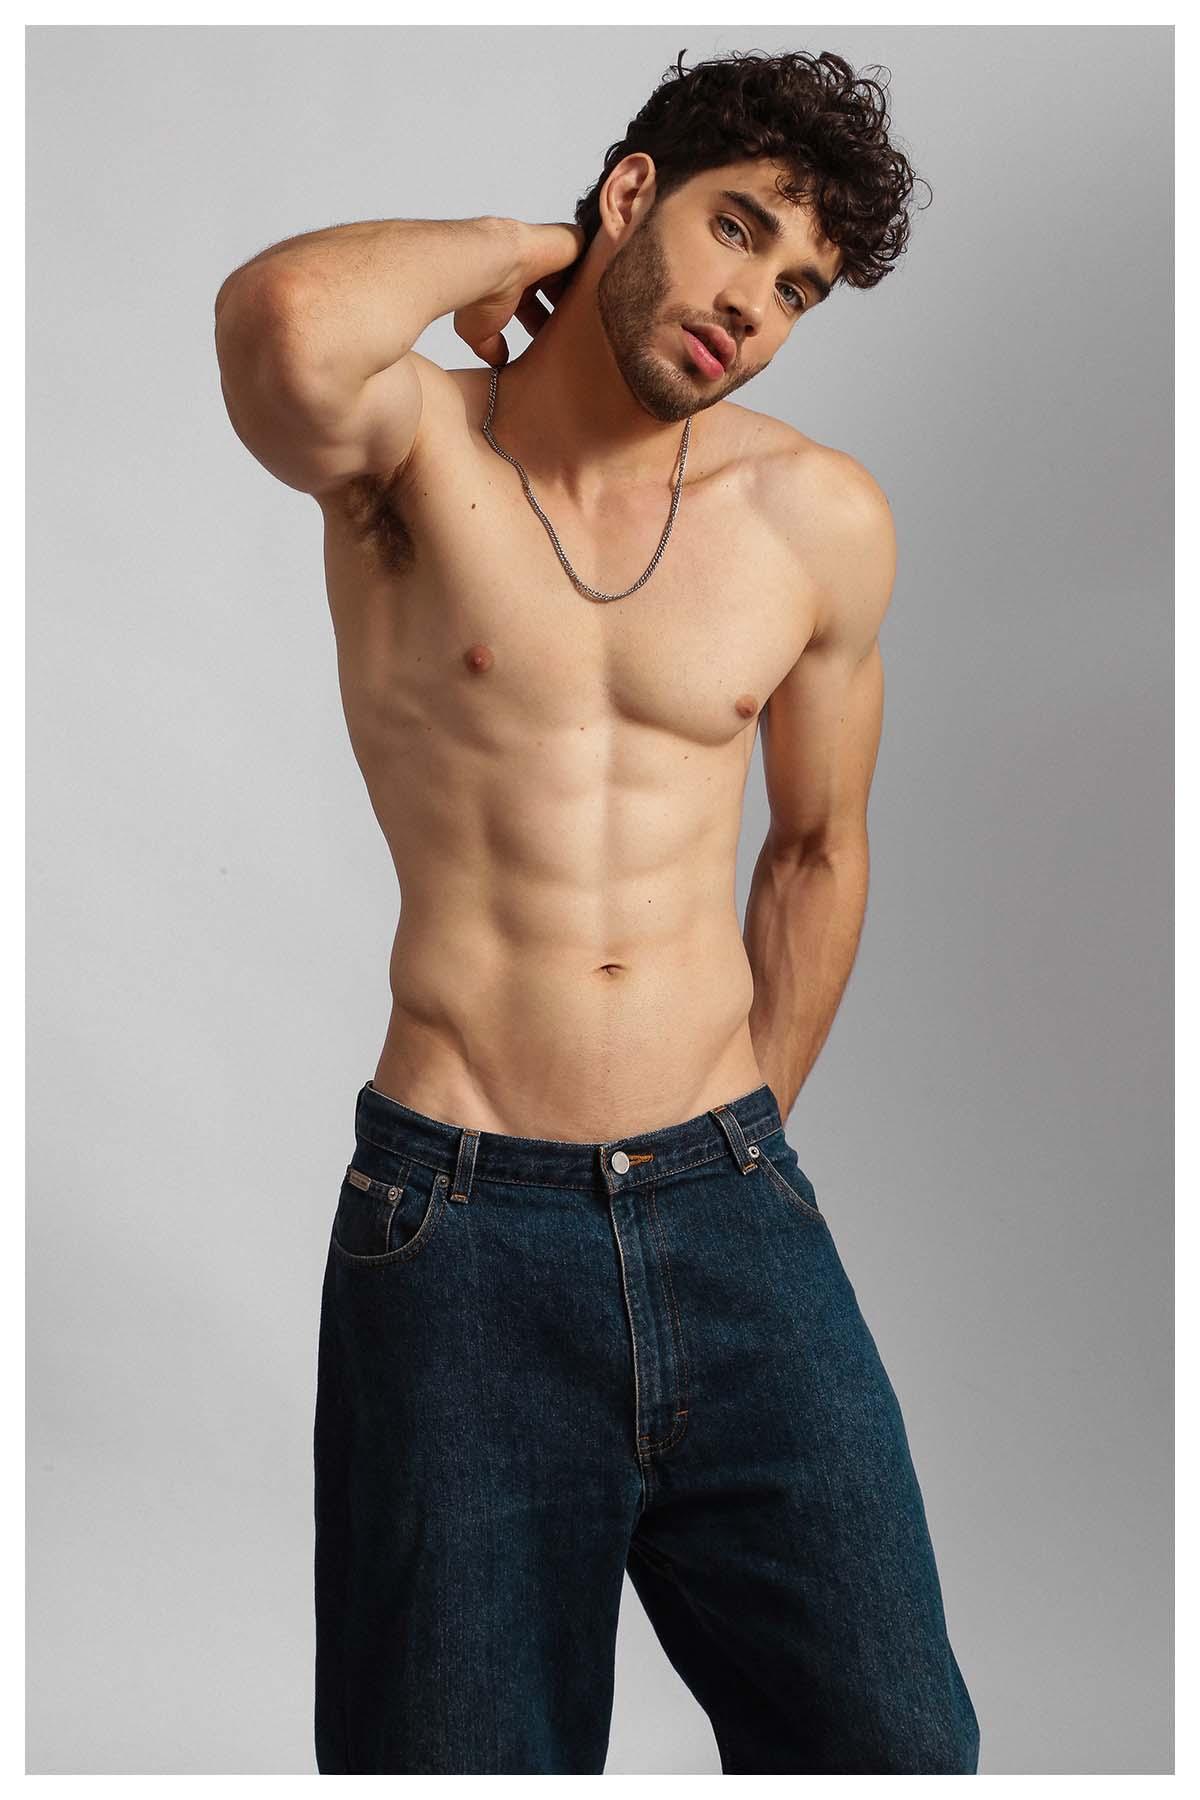 Neto Gomes by Bruno Barreto for Brazilian Male Model